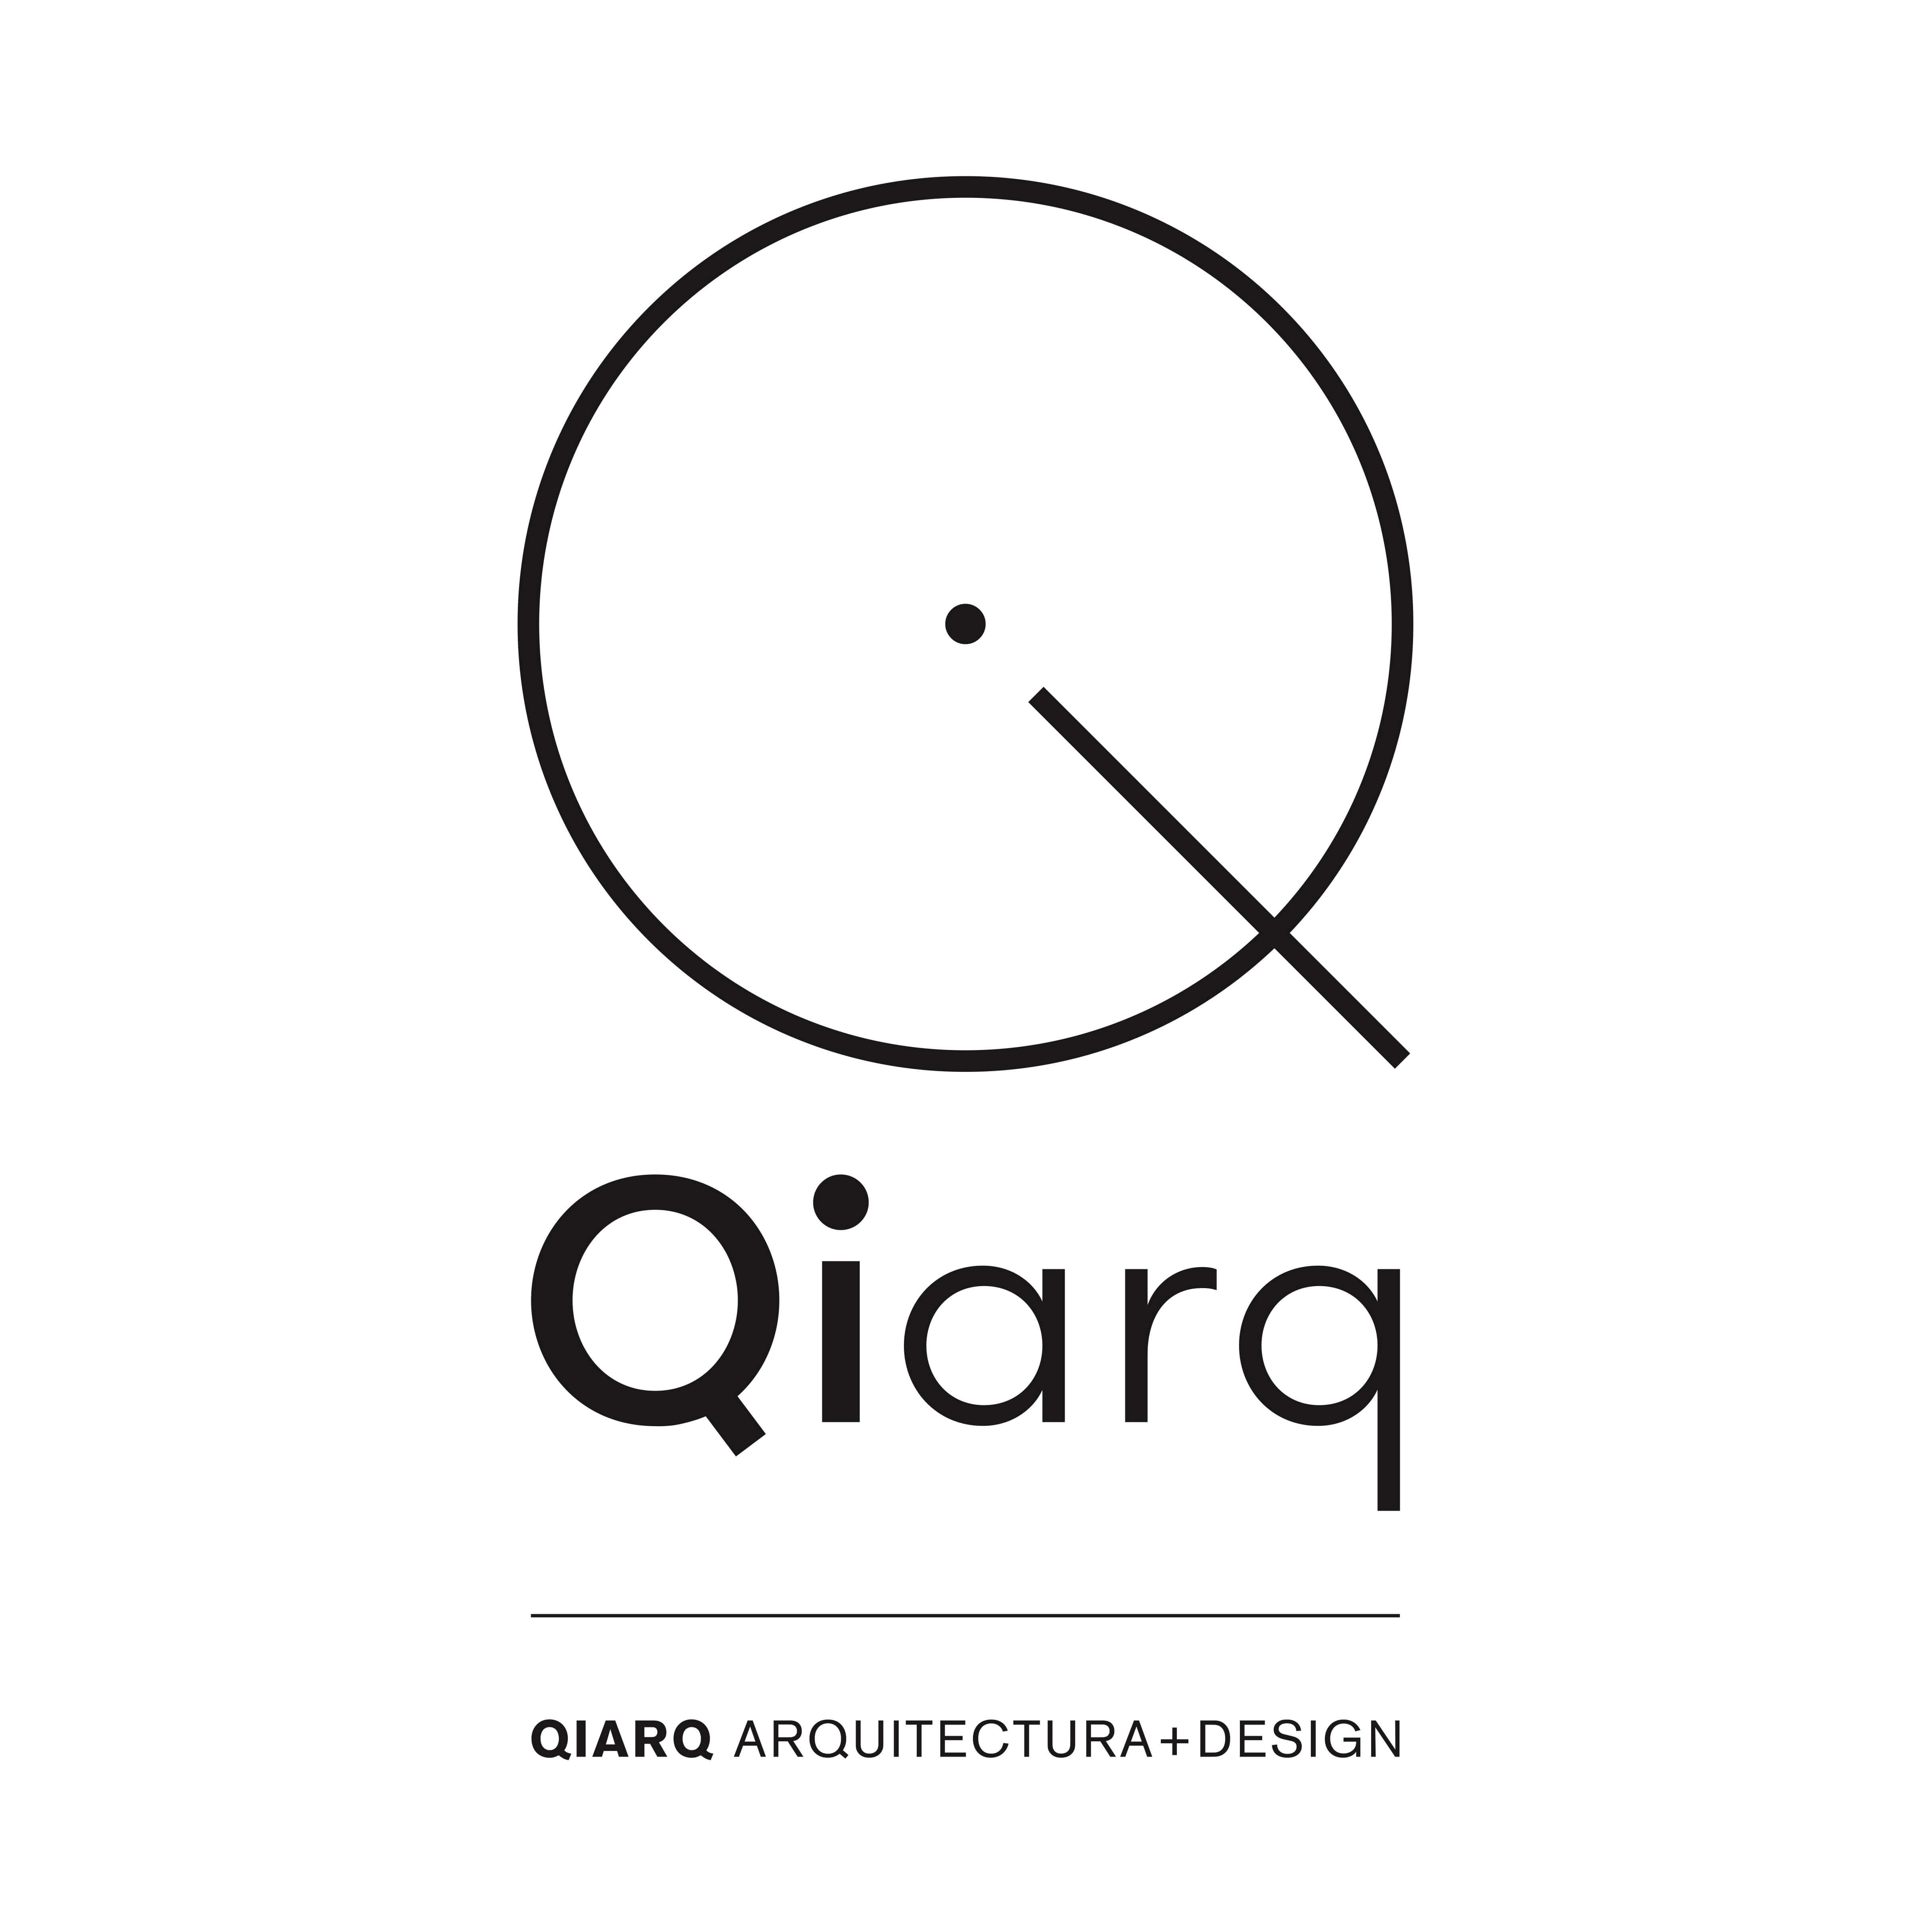 Qiarq